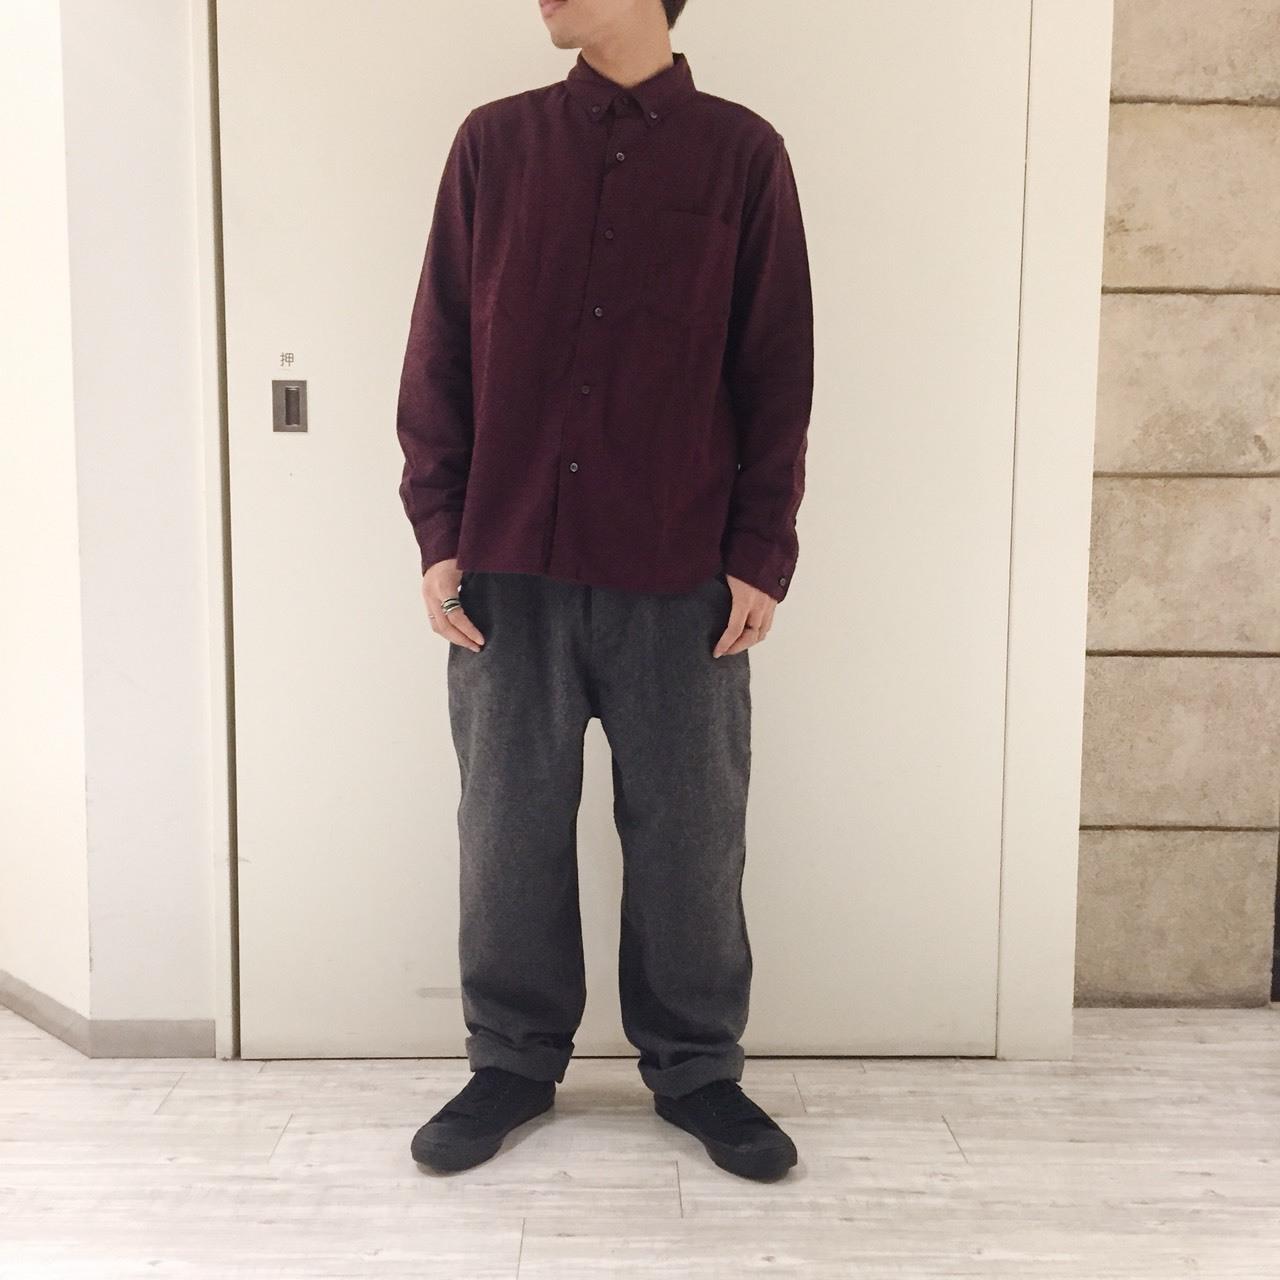 秋色シャツとあったかパンツ_e0272788_11291098.jpeg